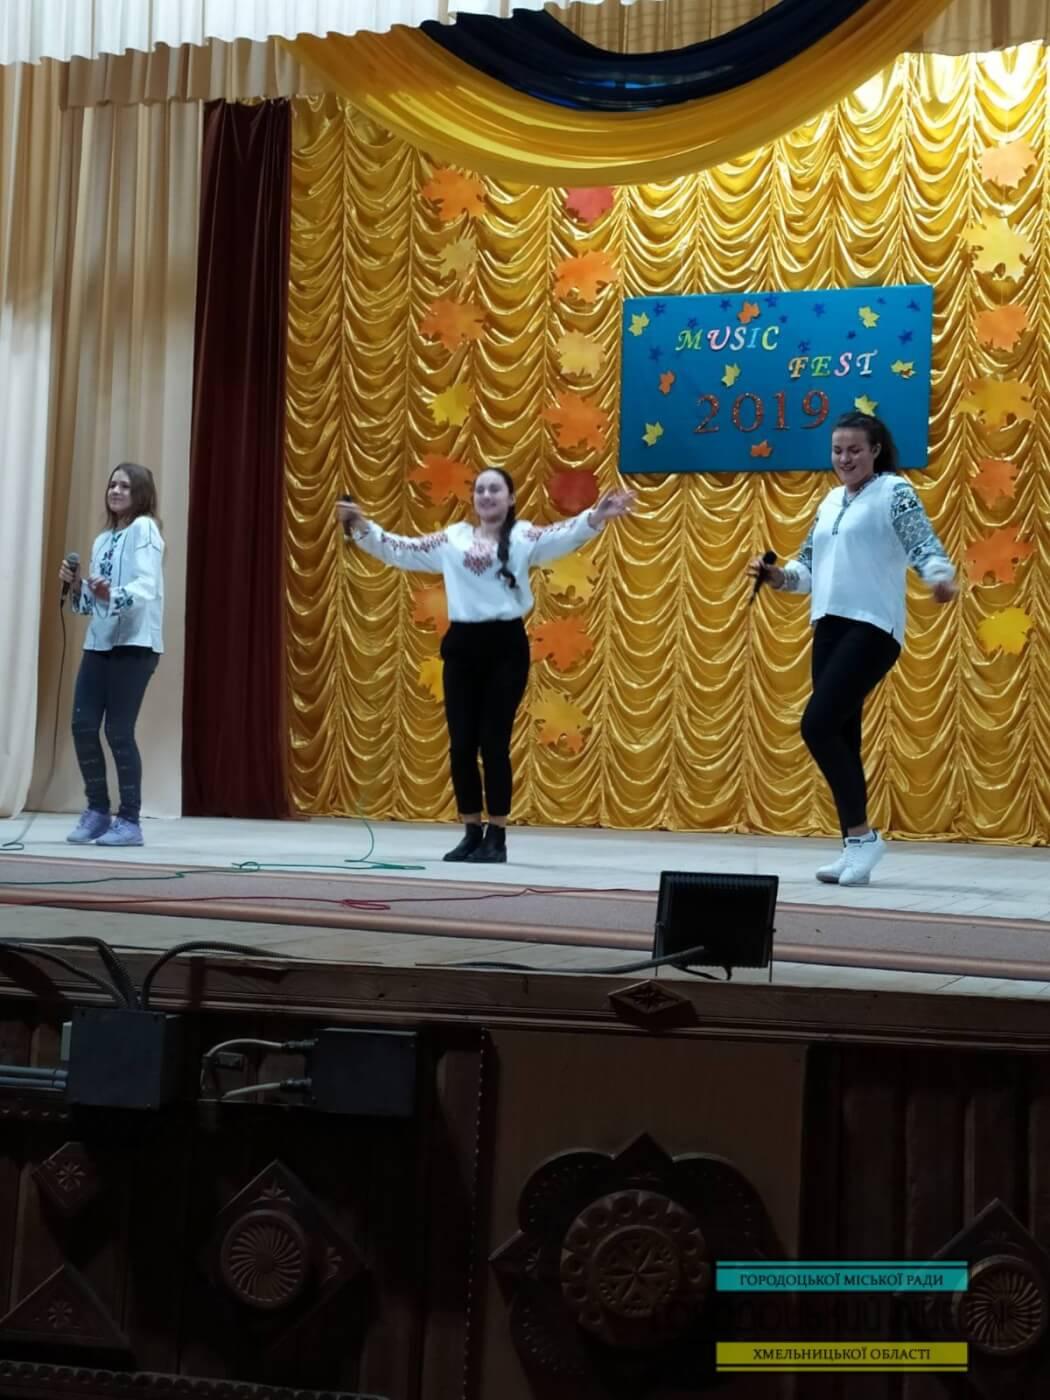 zobrazhennya viber 2019 10 31 15 29 12 - Music Fest «Городоцька осінь 2019»